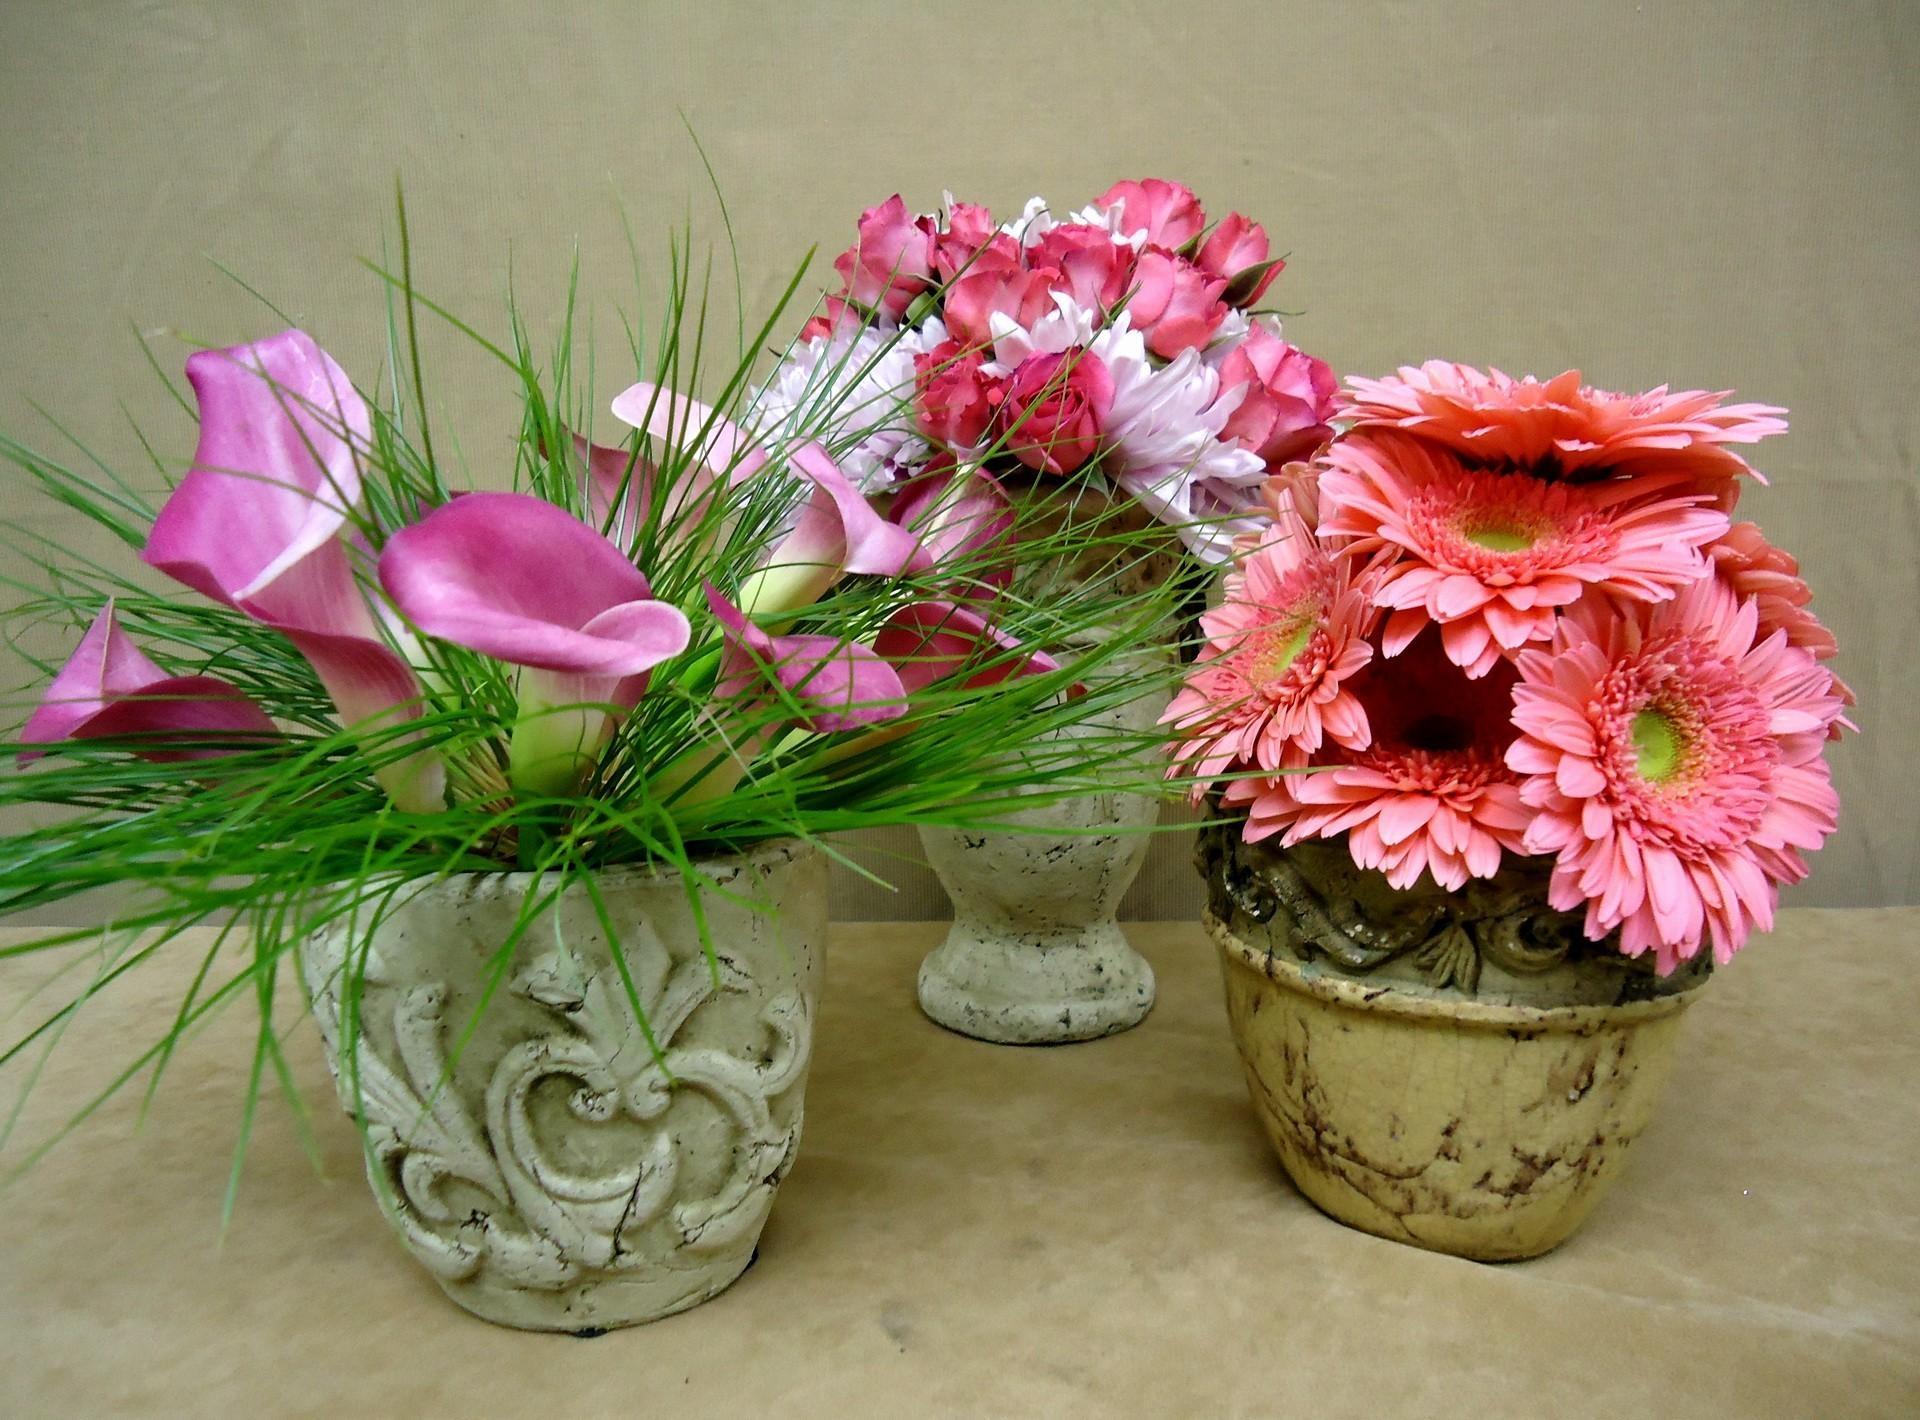 129415 télécharger le fond d'écran Fleurs, Callas, Calla, Vase, Vases, Roses, Gerberas, Bouquets - économiseurs d'écran et images gratuitement